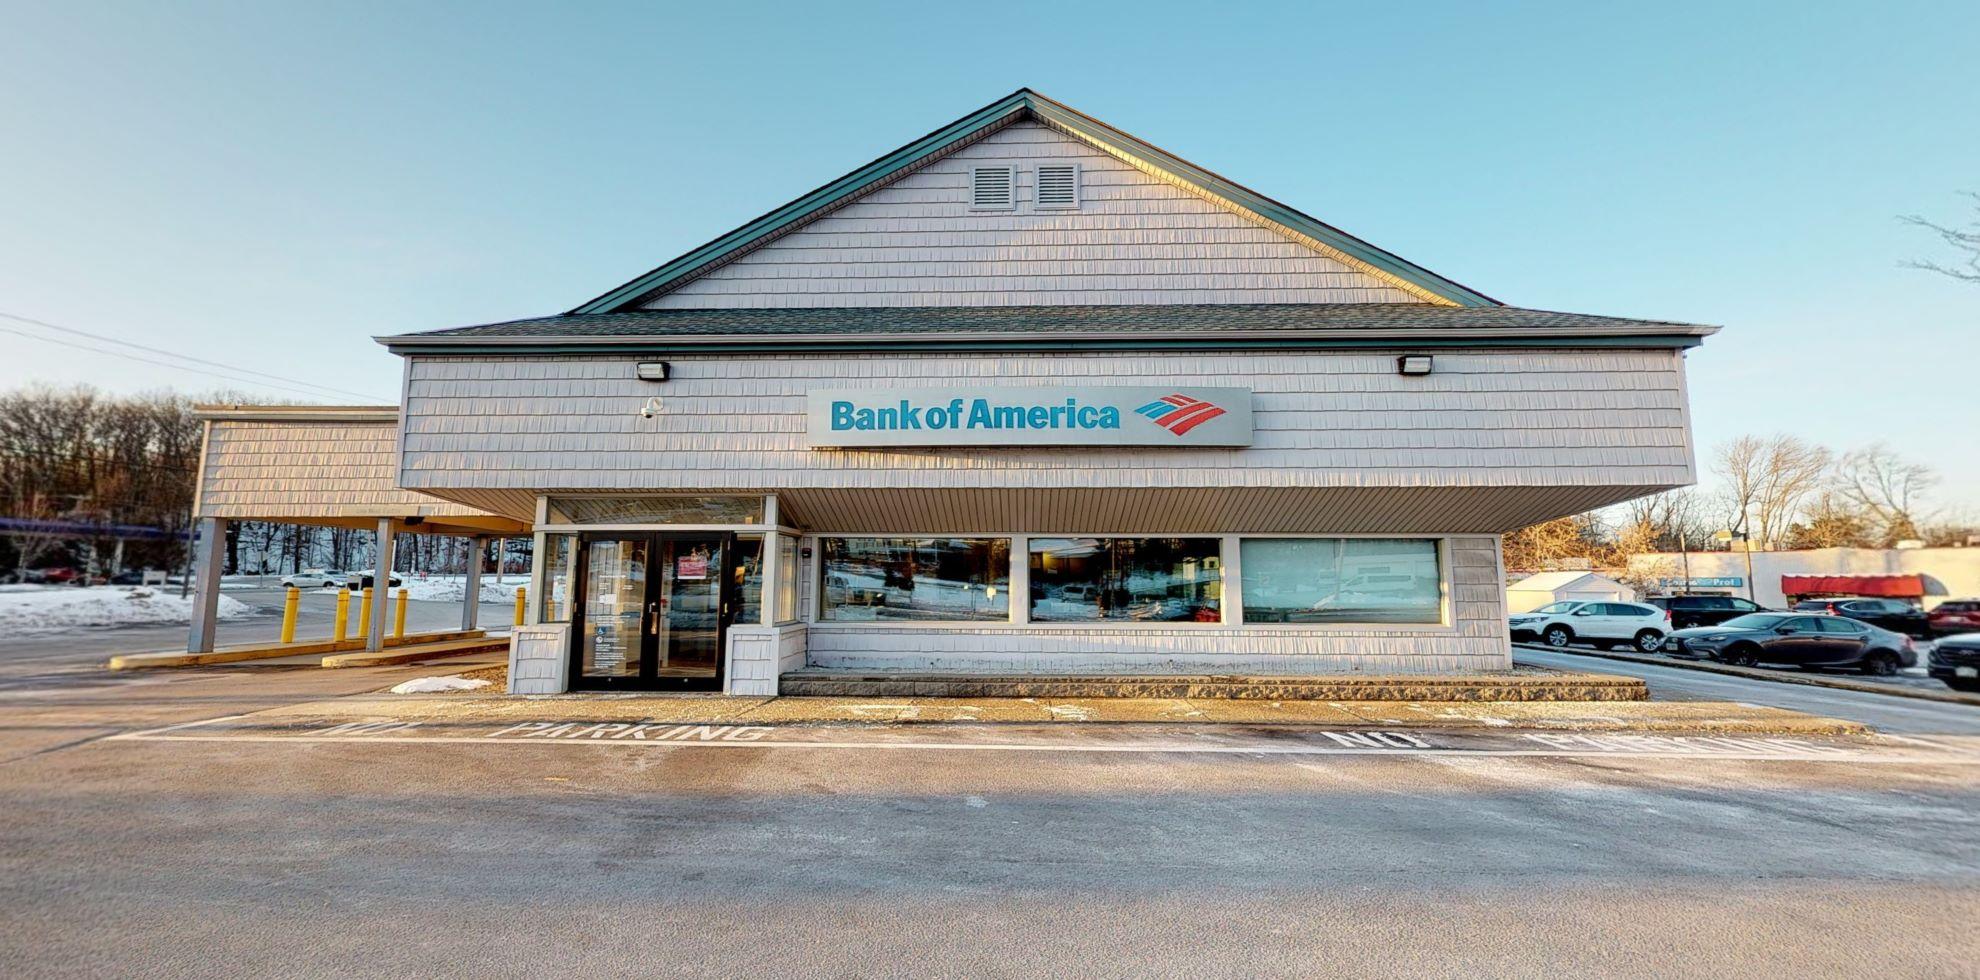 Bank of America financial center with drive-thru ATM   1090 Hooksett Rd, Hooksett, NH 03106